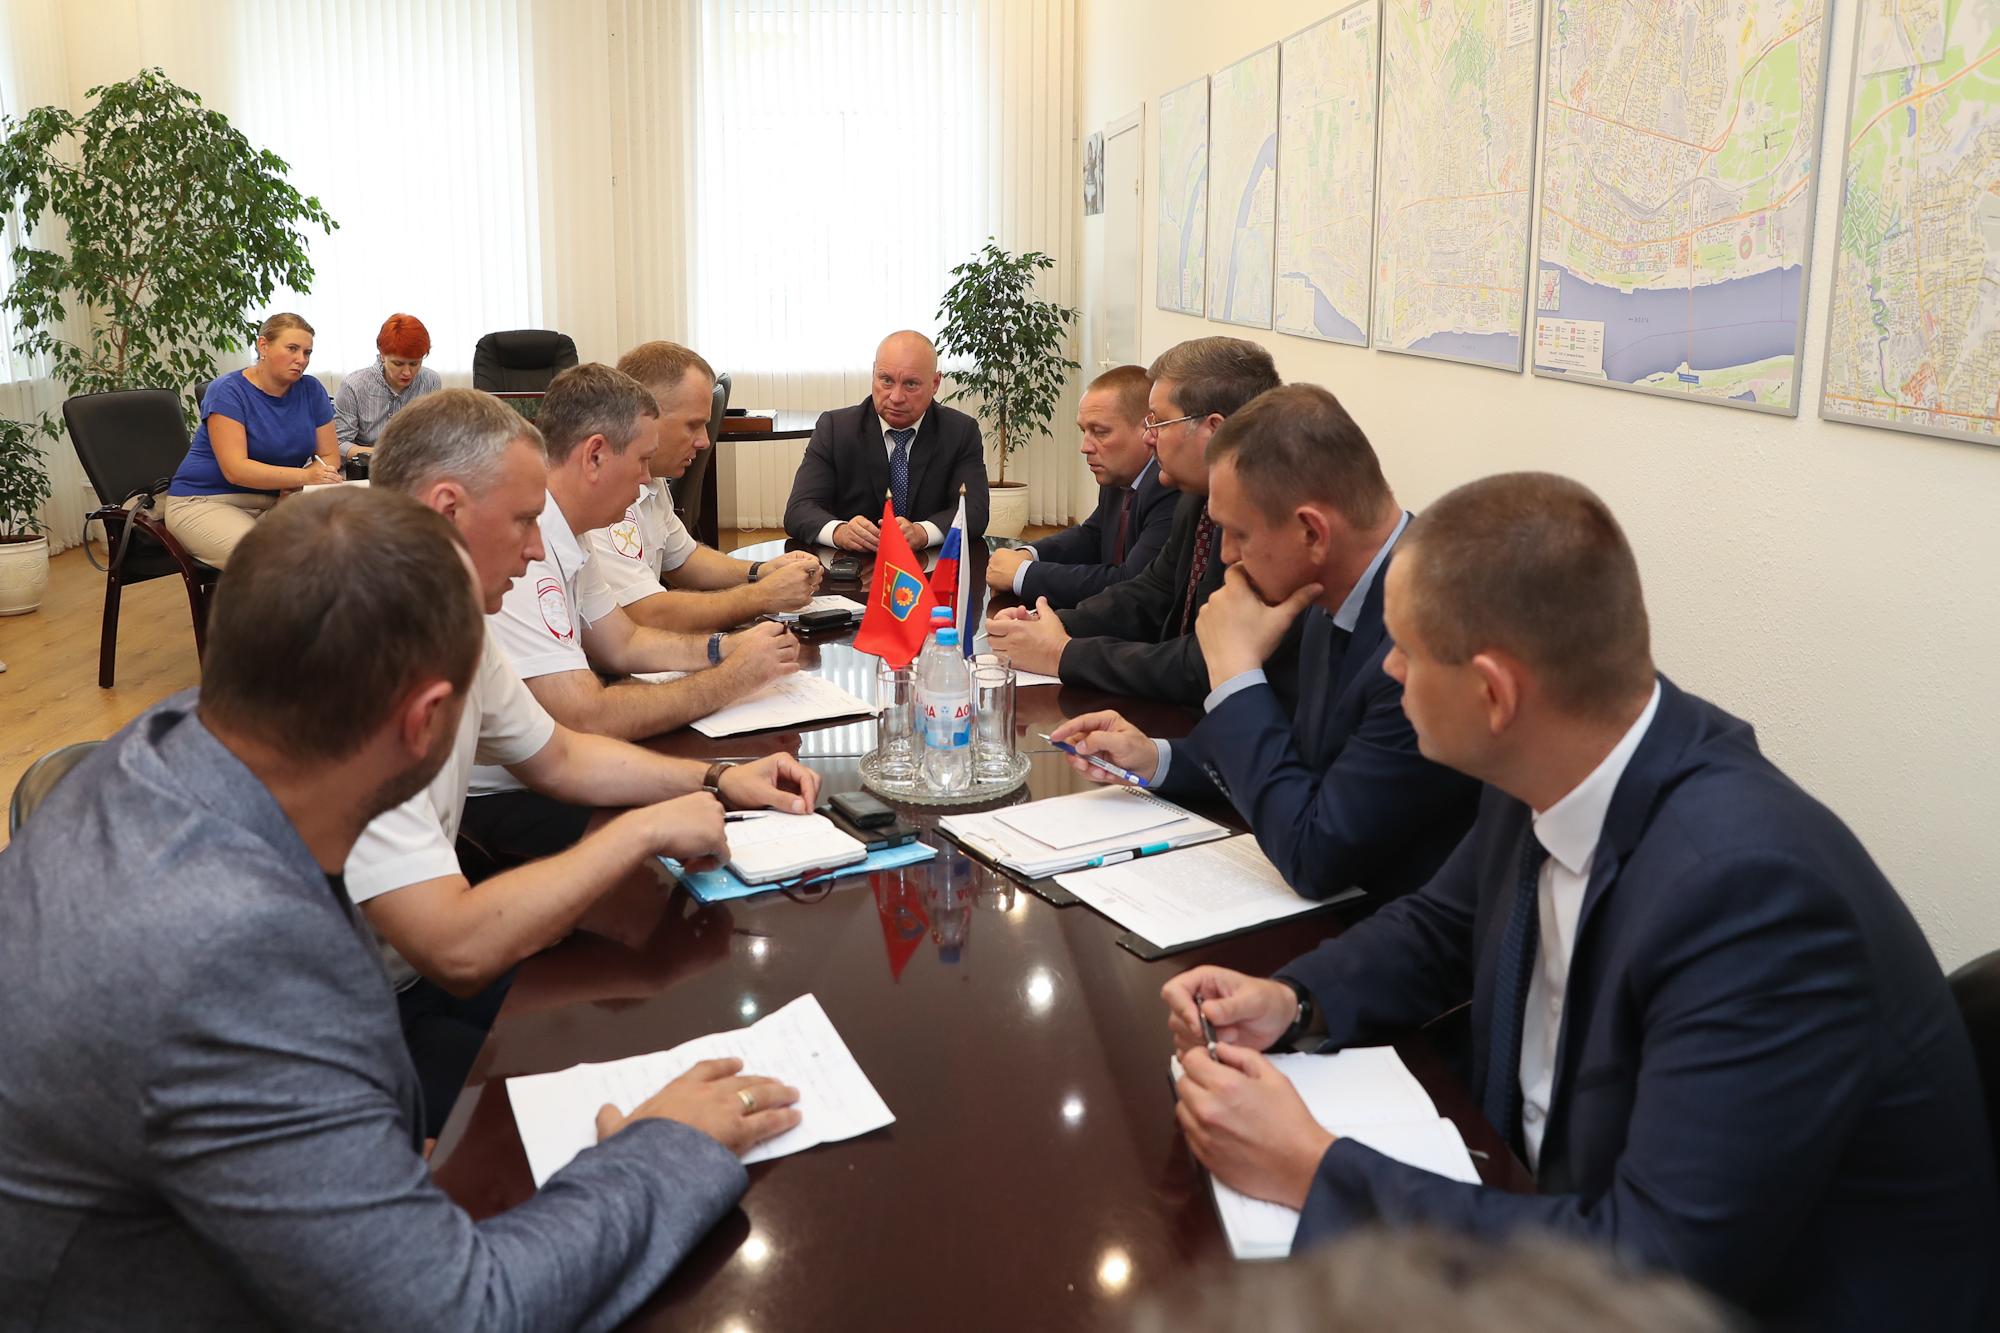 ВВолгограде из-за ливней объявили режим чрезвычайной ситуации